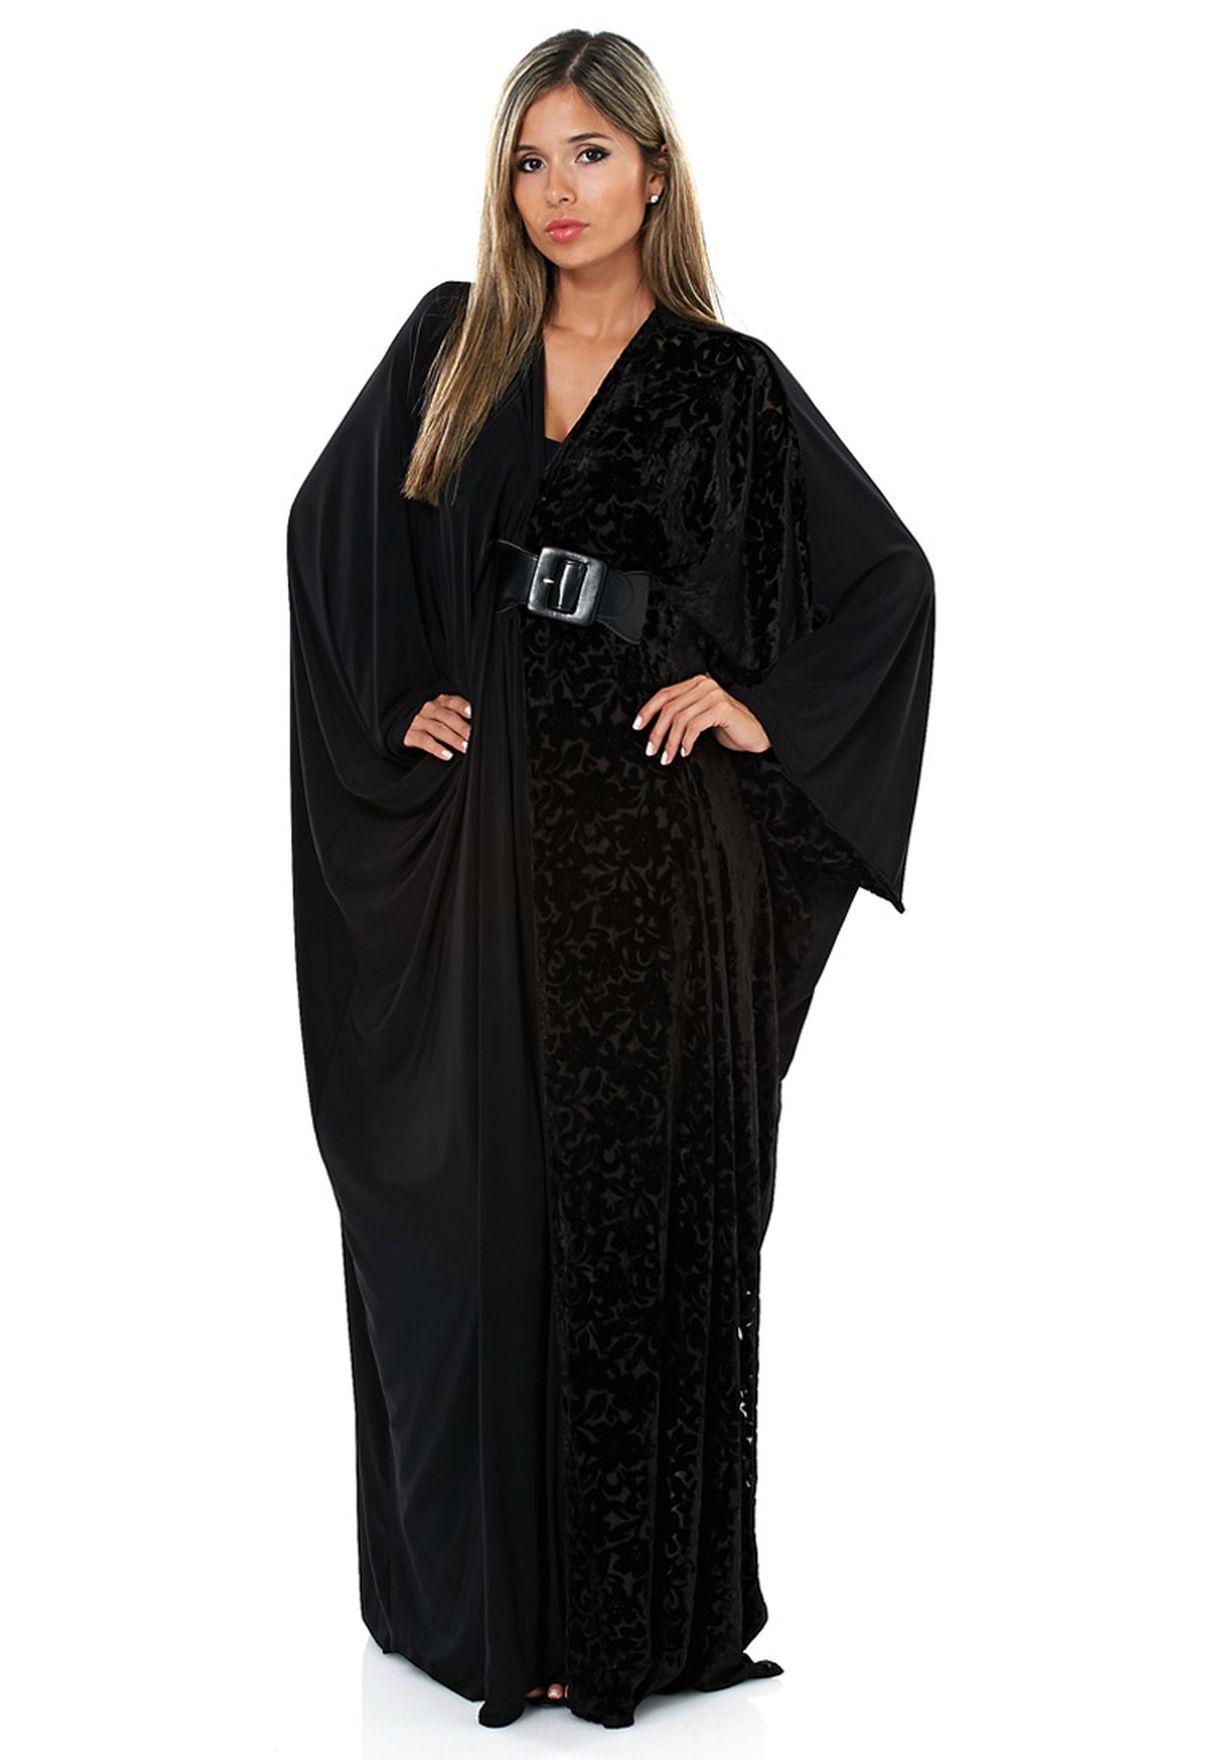 6494ee799 تسوق عباية مع مخمل ماركة هيا كلوزيت لون أسود في السعودية - HA212AT41FVE